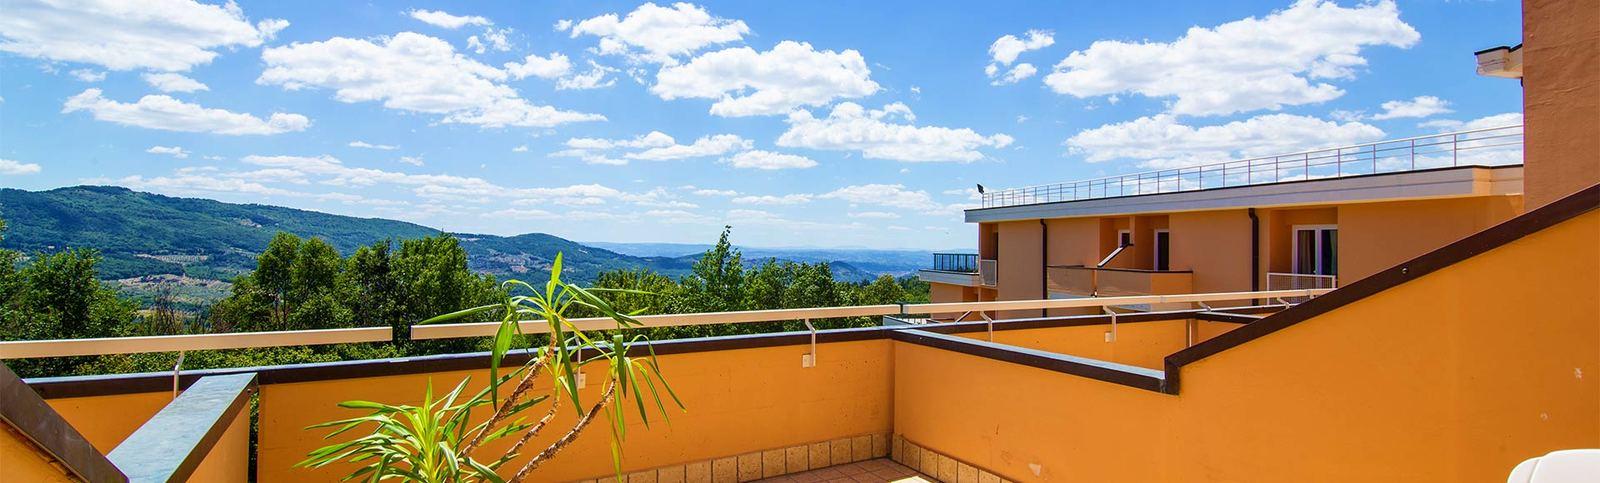 Residence per famiglie, sulle colline di Riotorto